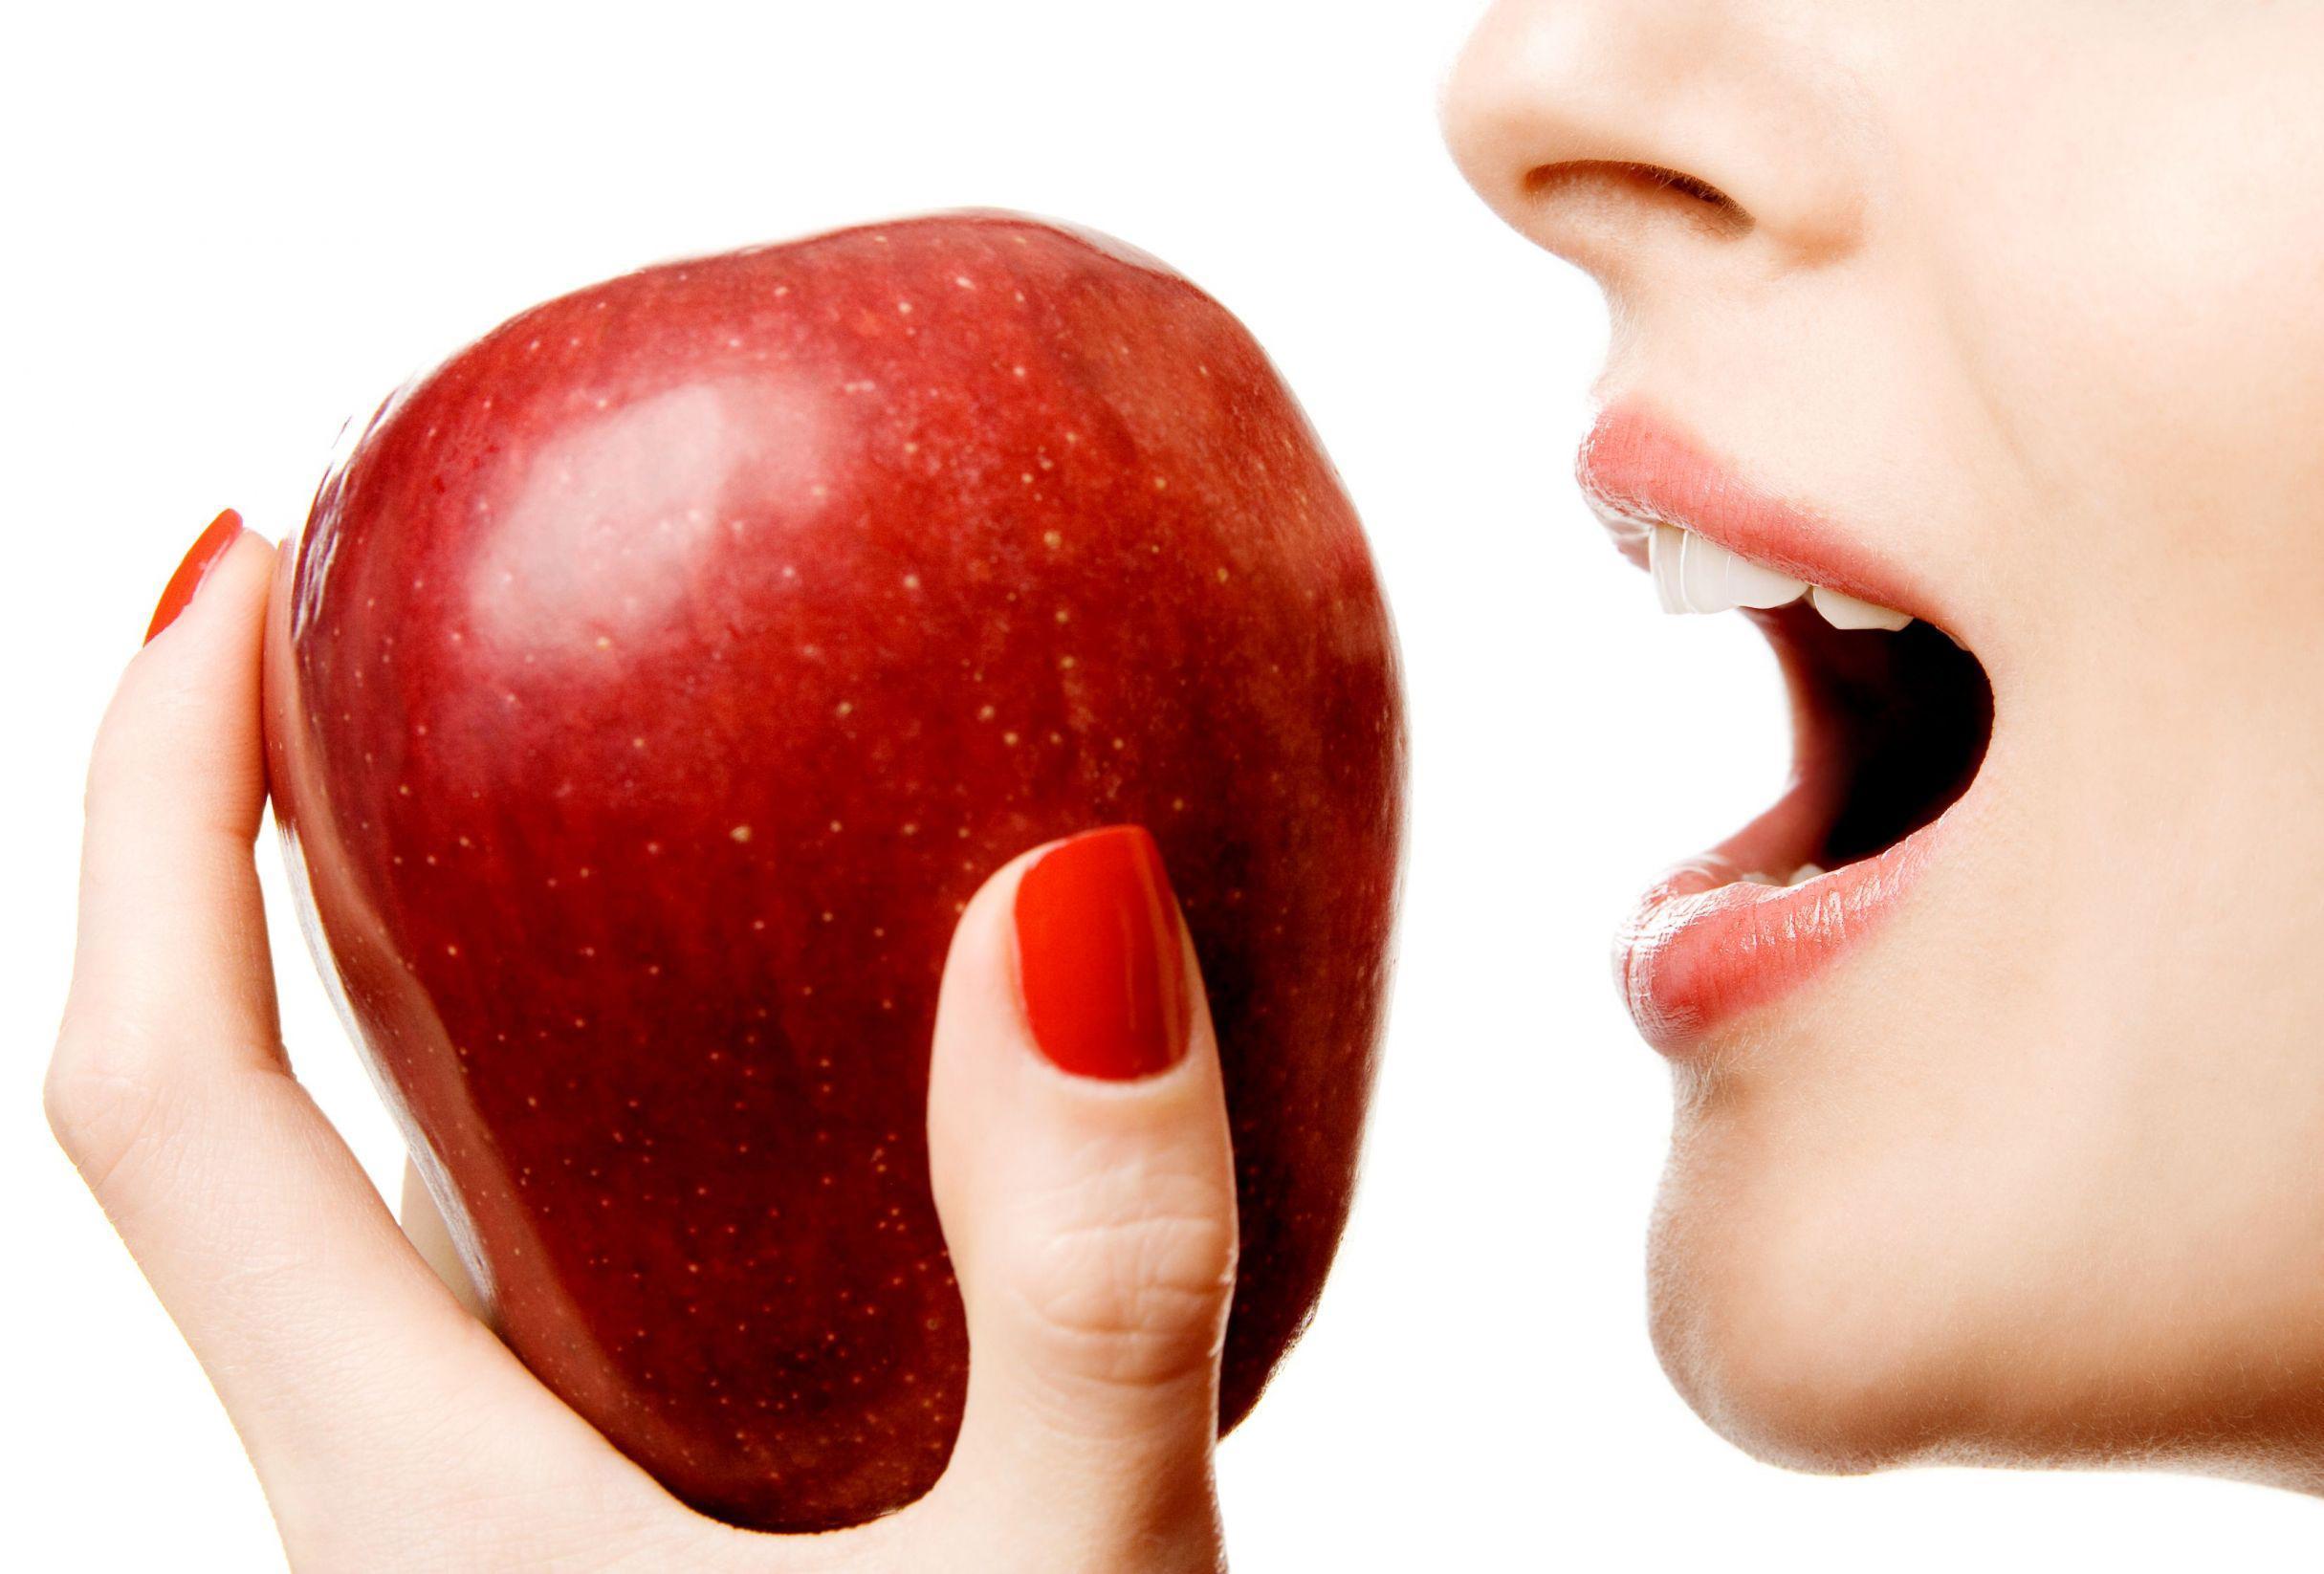 Frutas para Emagrecer: Como funcionam as Frutas no processo de Emagrecimento